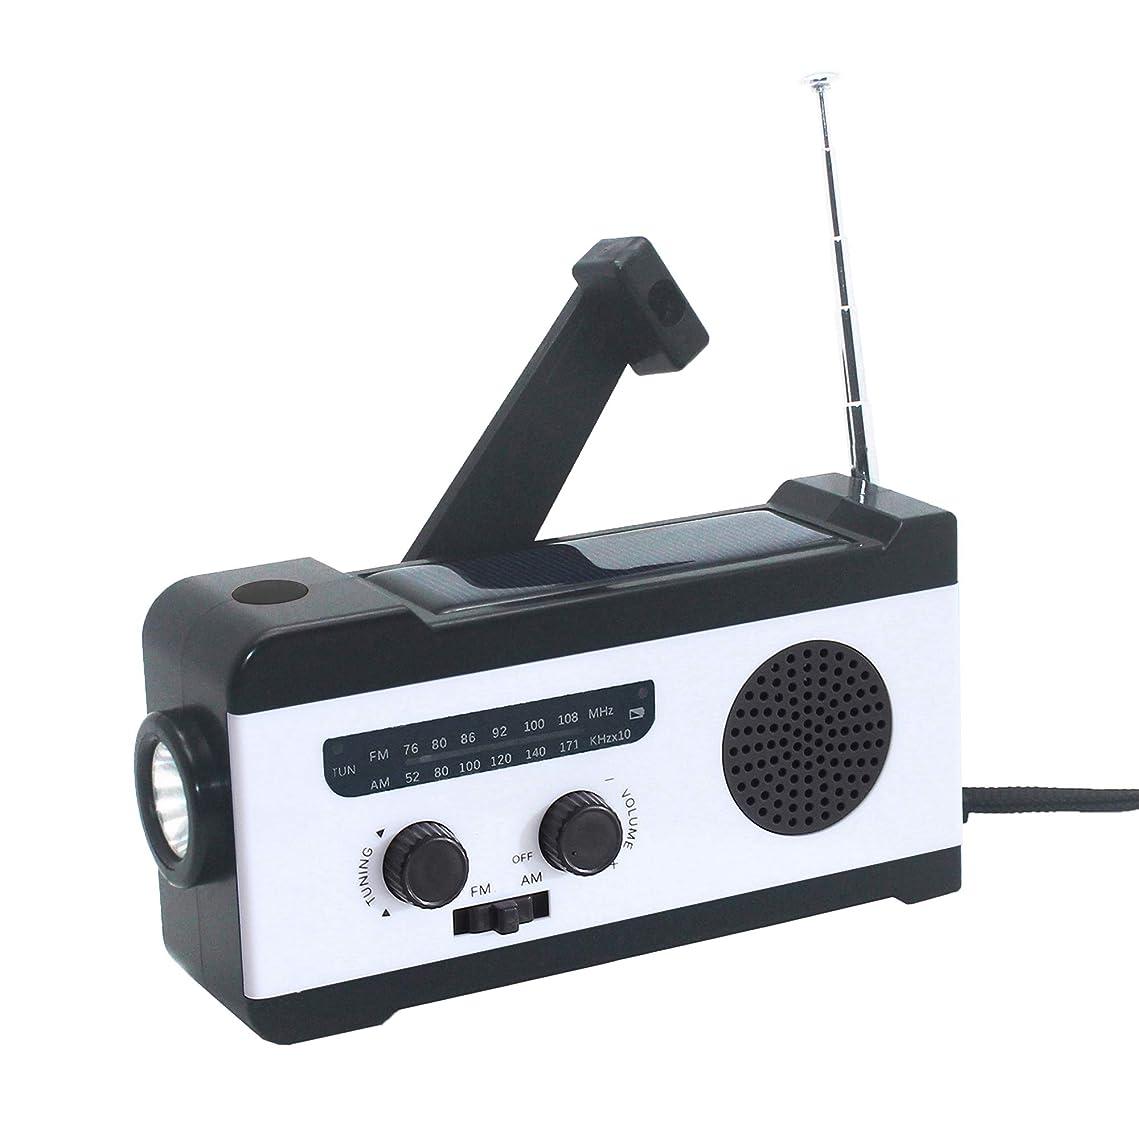 ステッチ緊張するロードブロッキング防災ラジオ 緊急ライト 充電式ラジオ 多機能ライト 非常用照明 携帯充電器 ラジオライト AM/FM(76~108MHz)対応 停電対応 2000mAHバッテリー 手回し発電 USB充電 ソーラー発電 SOSアラート 防災用品 応急照明 緊急対策 アウトドア装備 (白)